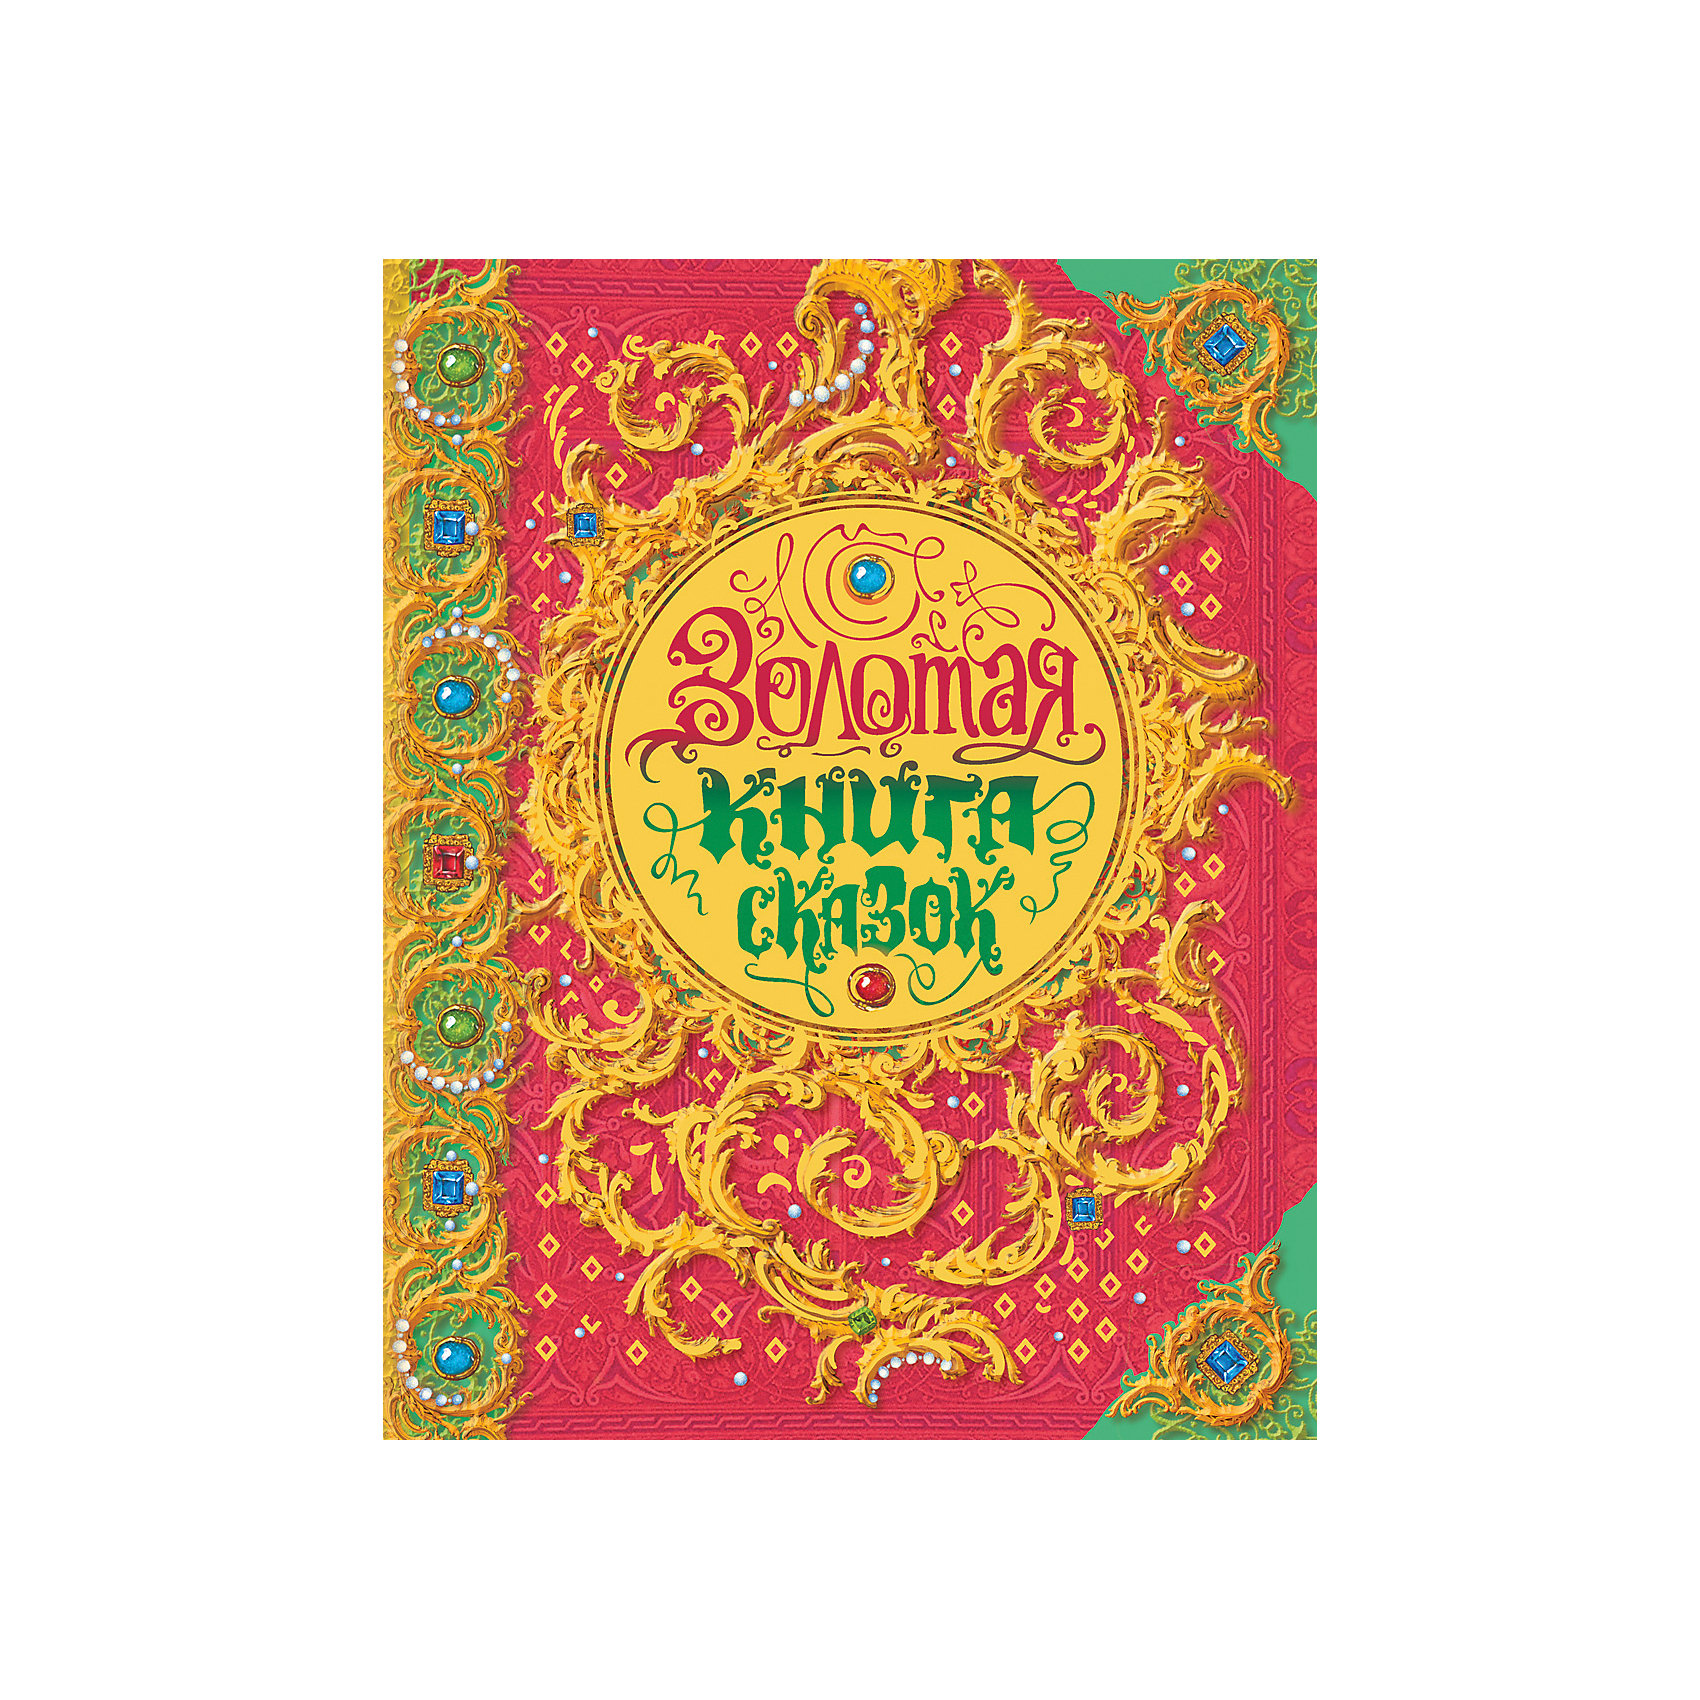 Росмэн Золотая книга сказок росмэн комплект сказки андерсена для самых маленьких